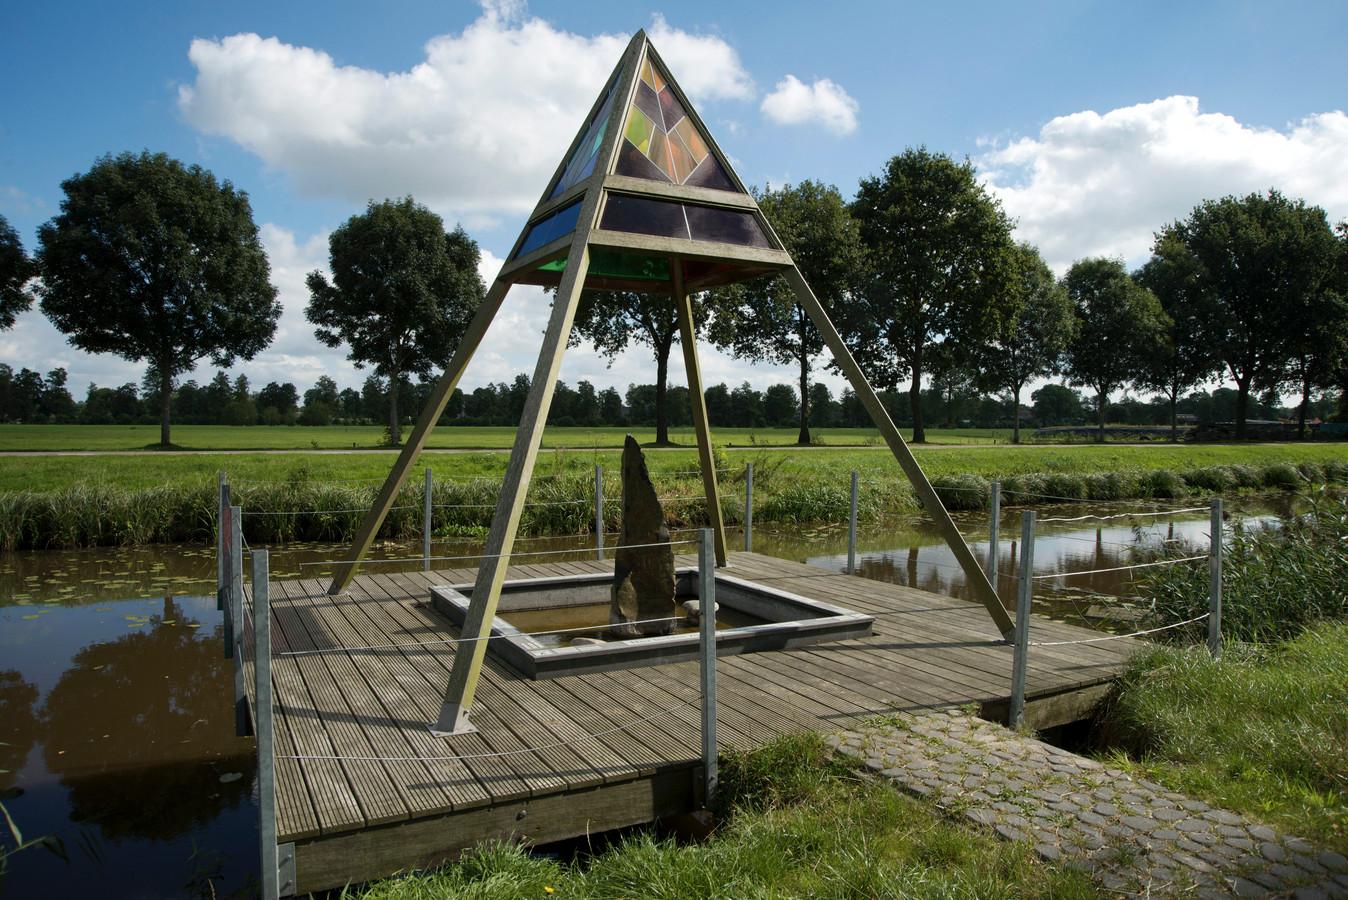 Het gedenkteken aan het Conradkanaal in Rouveen. Achter de bomen aan de overkant van het kanaal was vroeger het kamp. Archieffoto Frank Uijlenbroek.